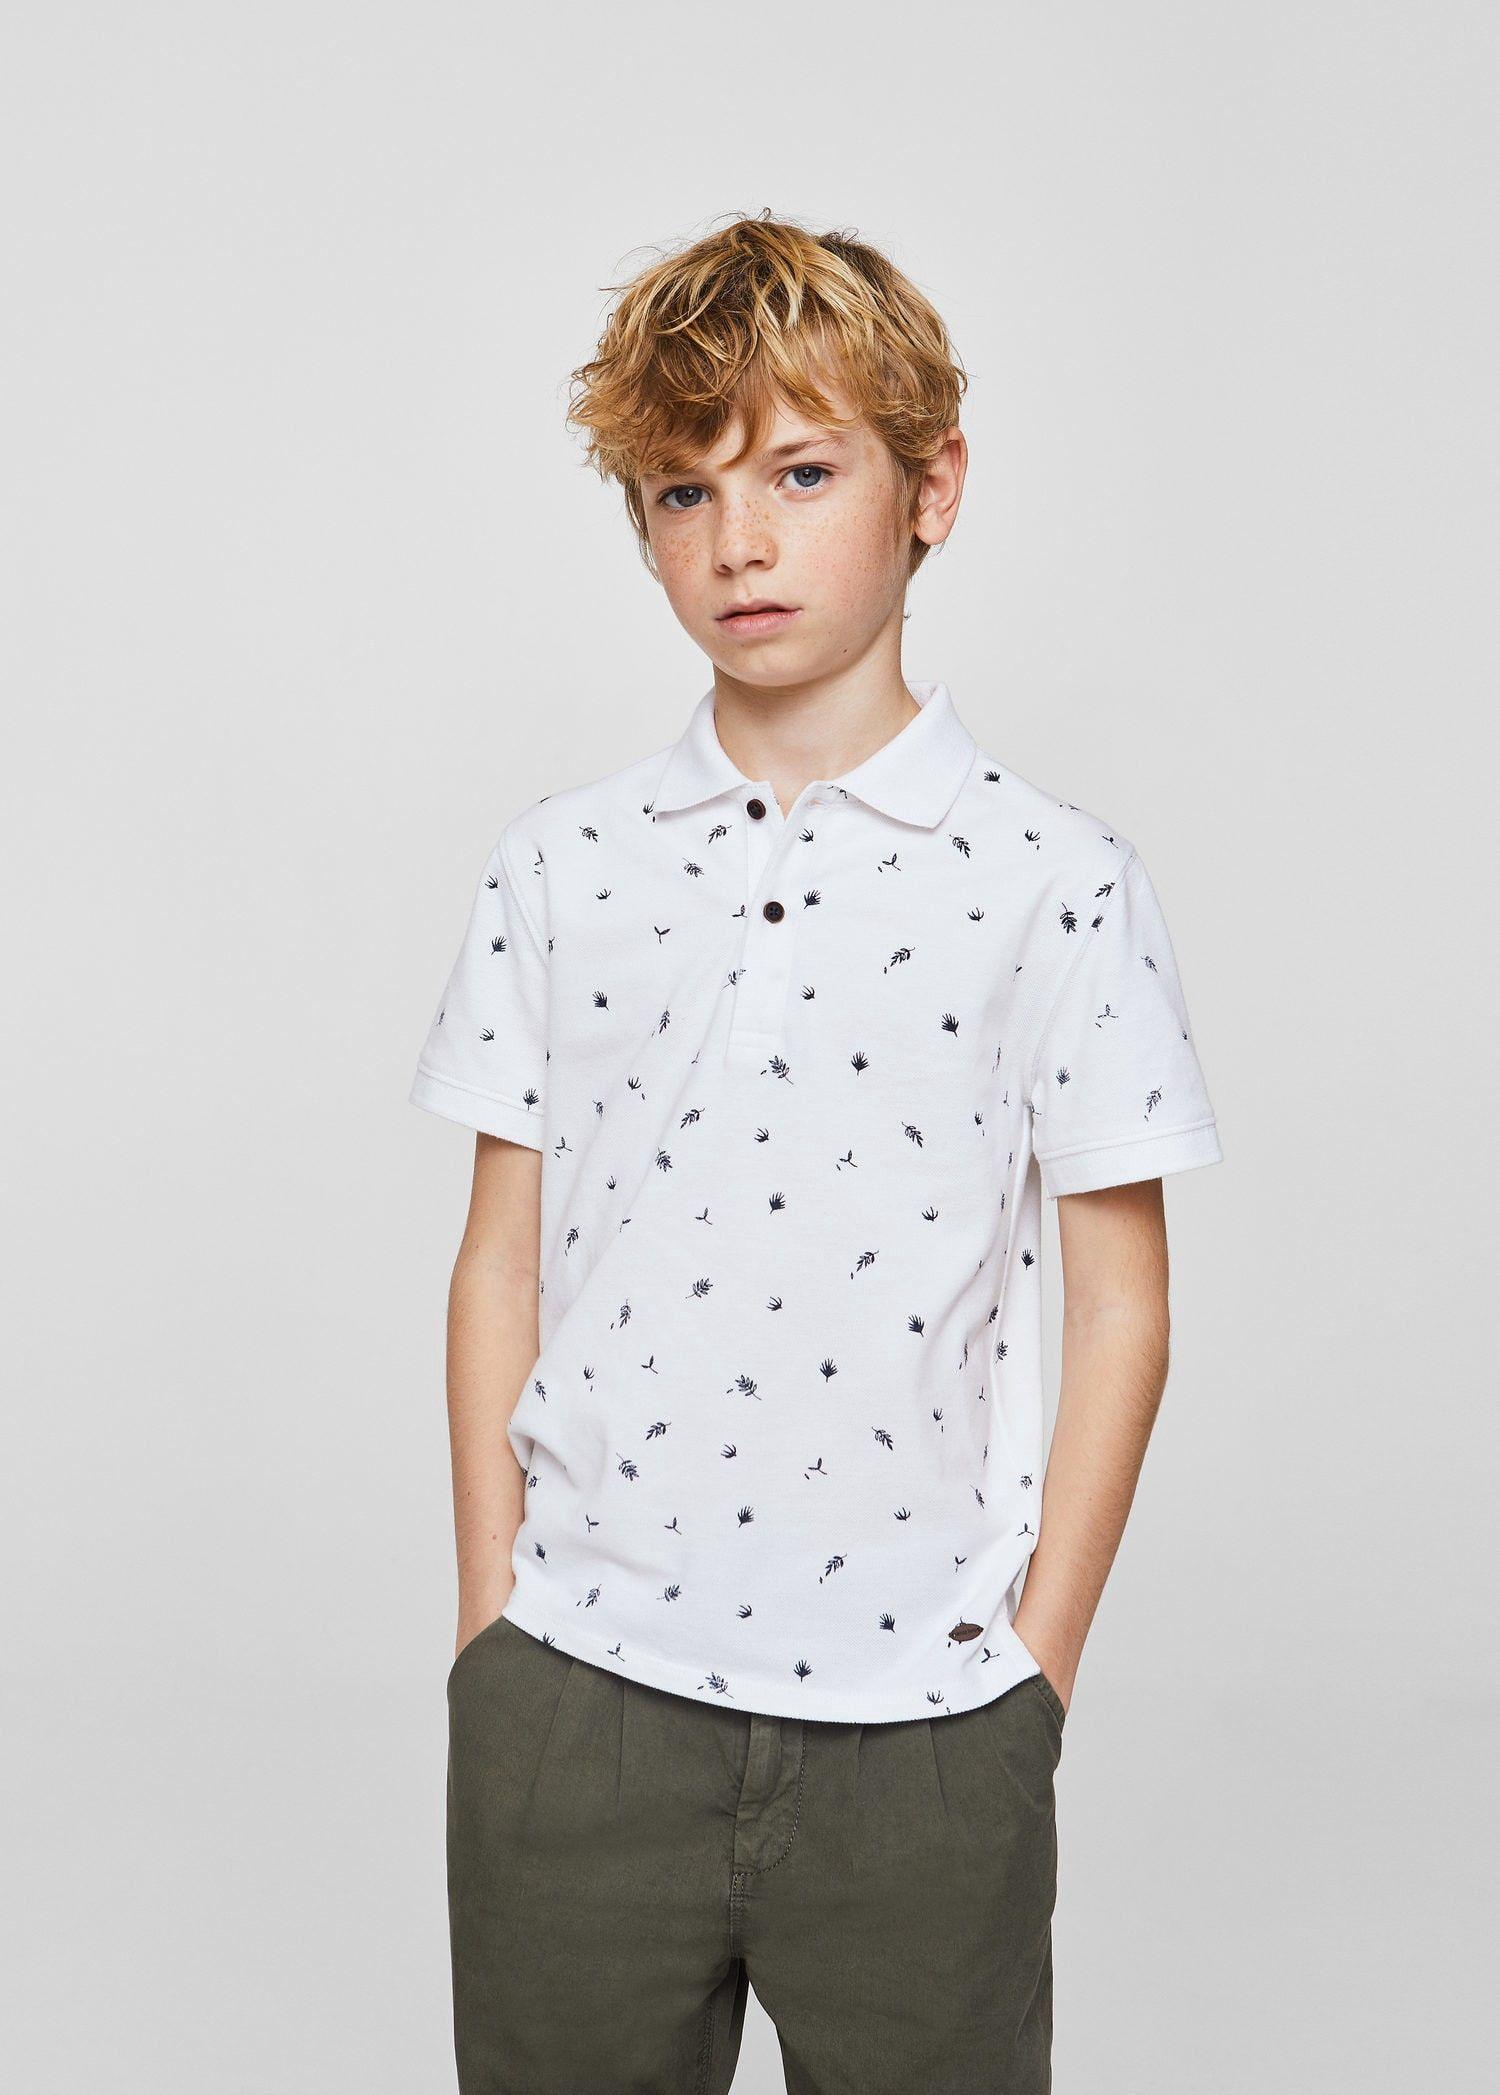 81391f8b5 Mango Printed Cotton Polo Shirt - Boys | Kids 7-8 Years (128Cm ...